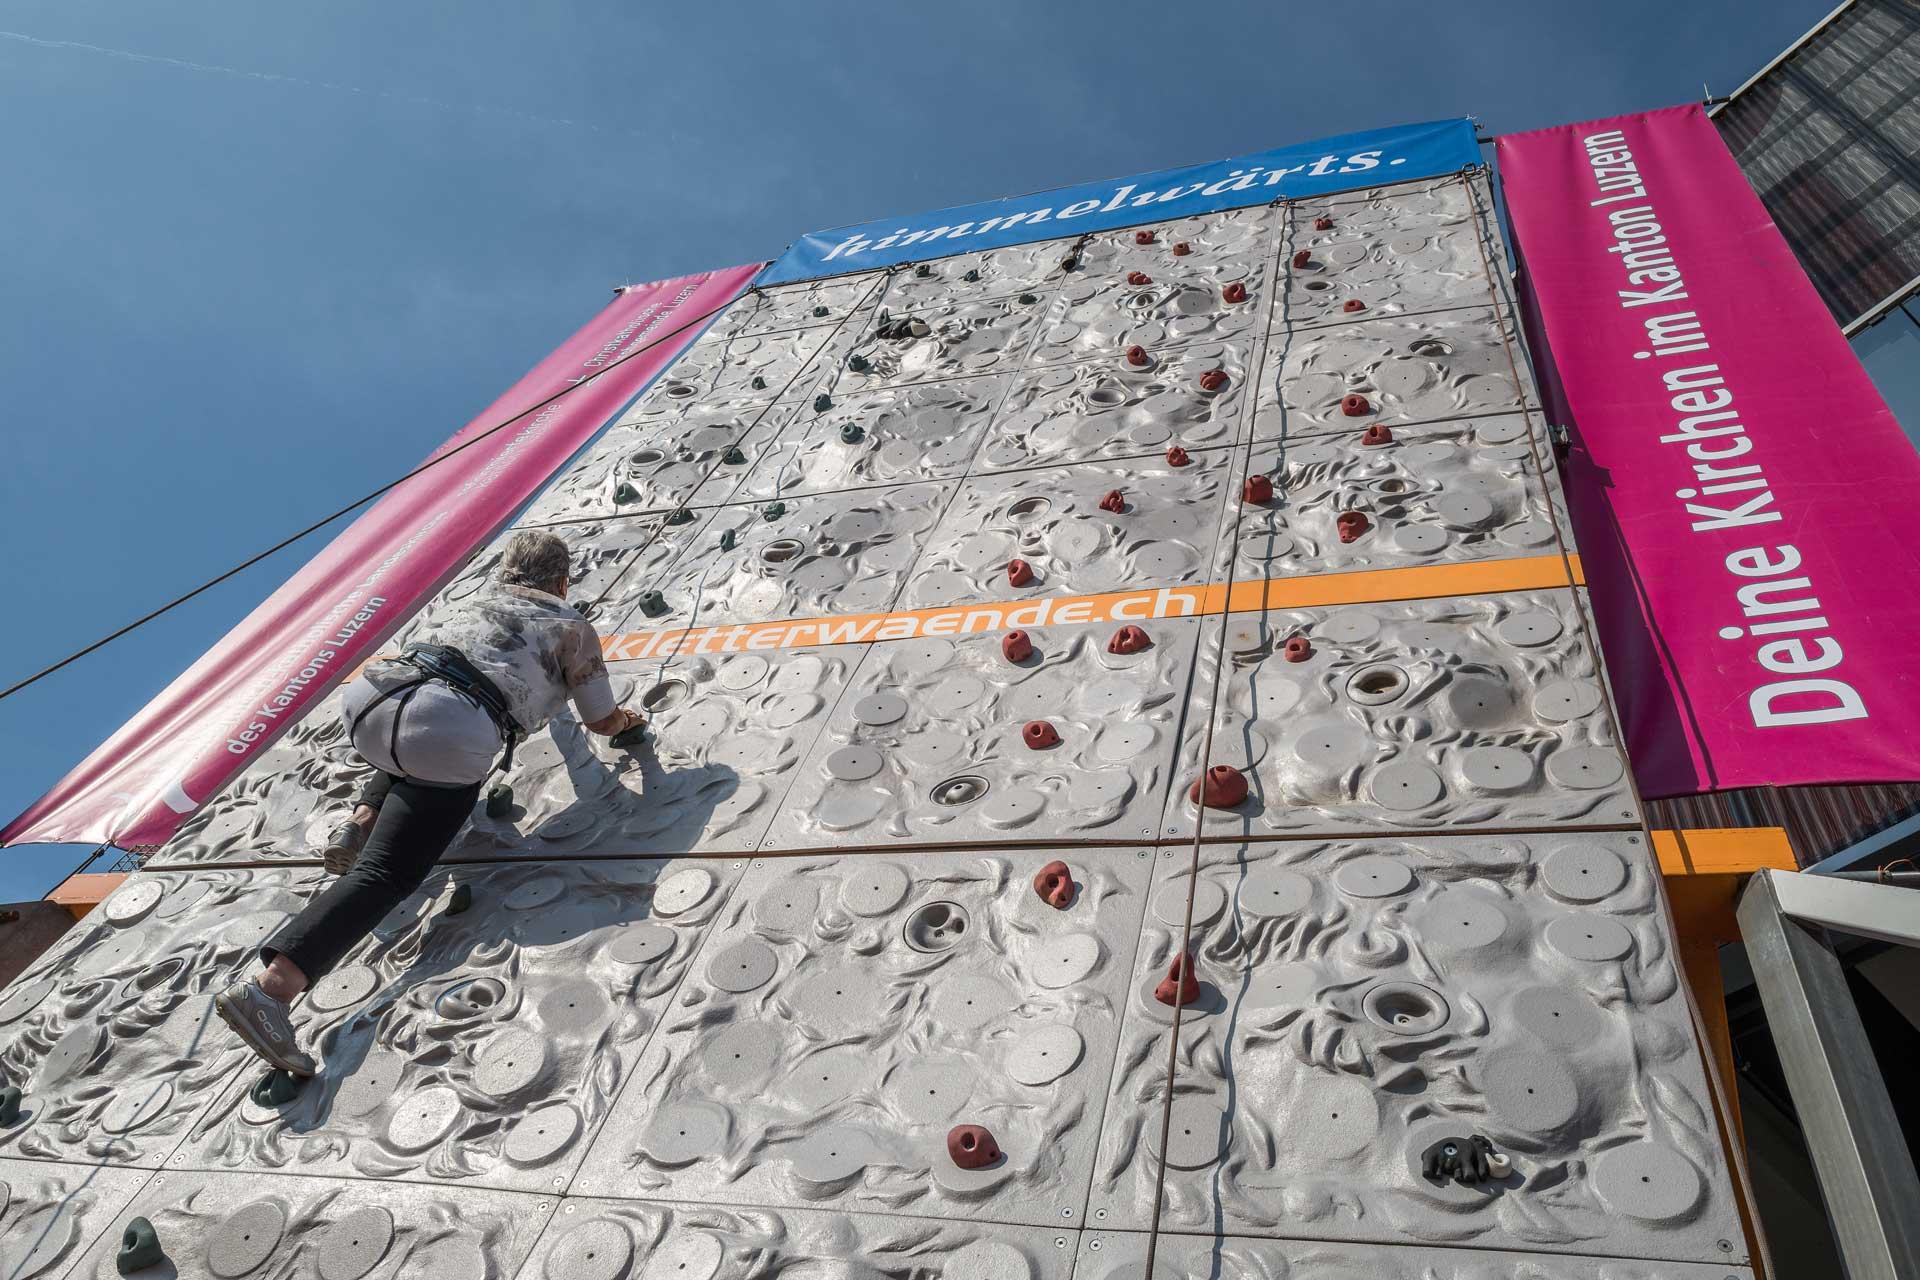 Die Kletterwand der Luzerner Landeskirchen an der LUGA 2016: eine acht Meter hohe Herausforderung, die mit Unterstützung aber gut zu meistern ist. | © 2016 Roberto Conciatori